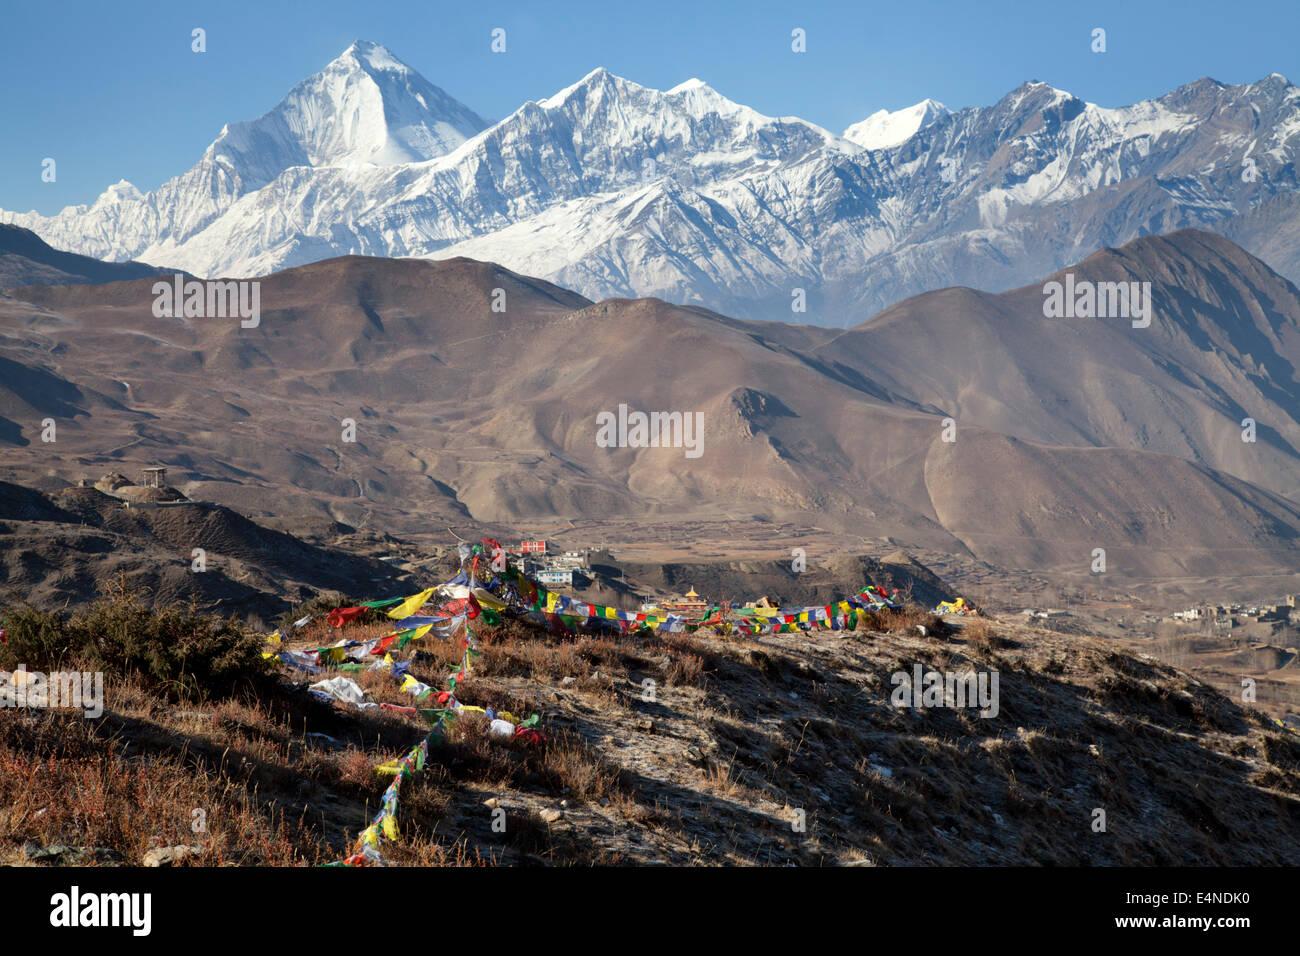 Dhaulagiri and Prayer Flags from the Thorung La Pass, Muktinath, Annapurna, Nepal - Stock Image